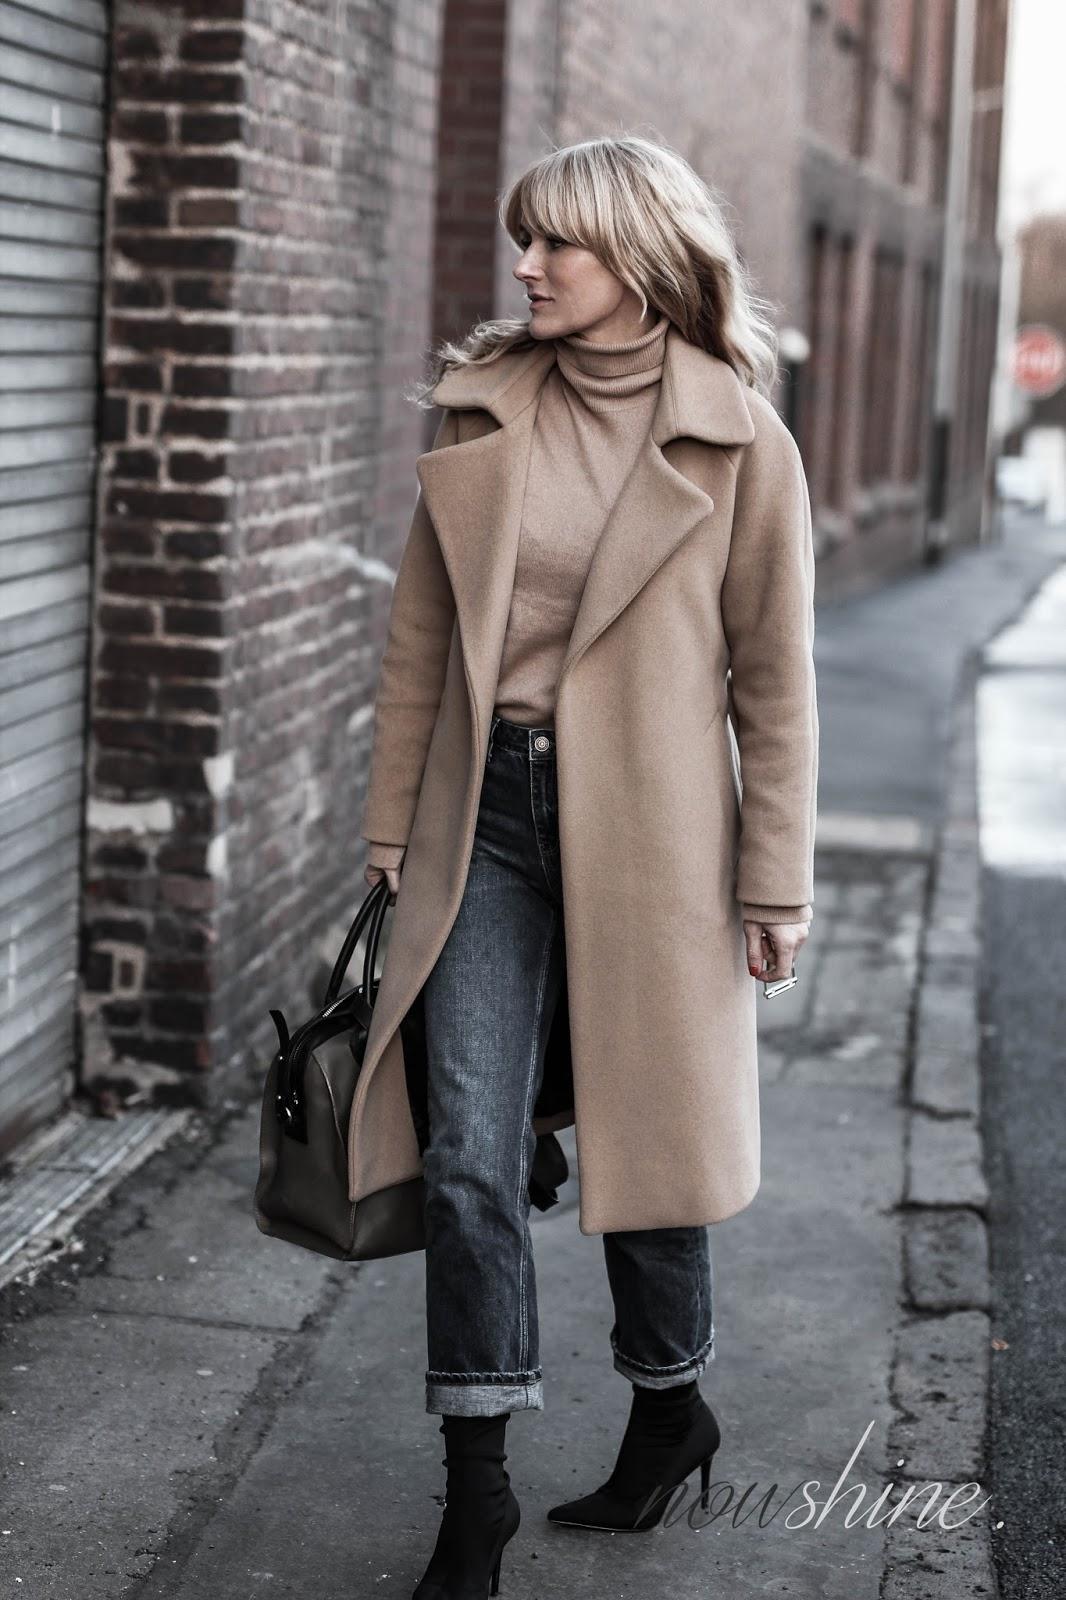 ü4o Bloggerin Nowshine trägt einen Mantel in Camel dazu Jeans und Sockboots